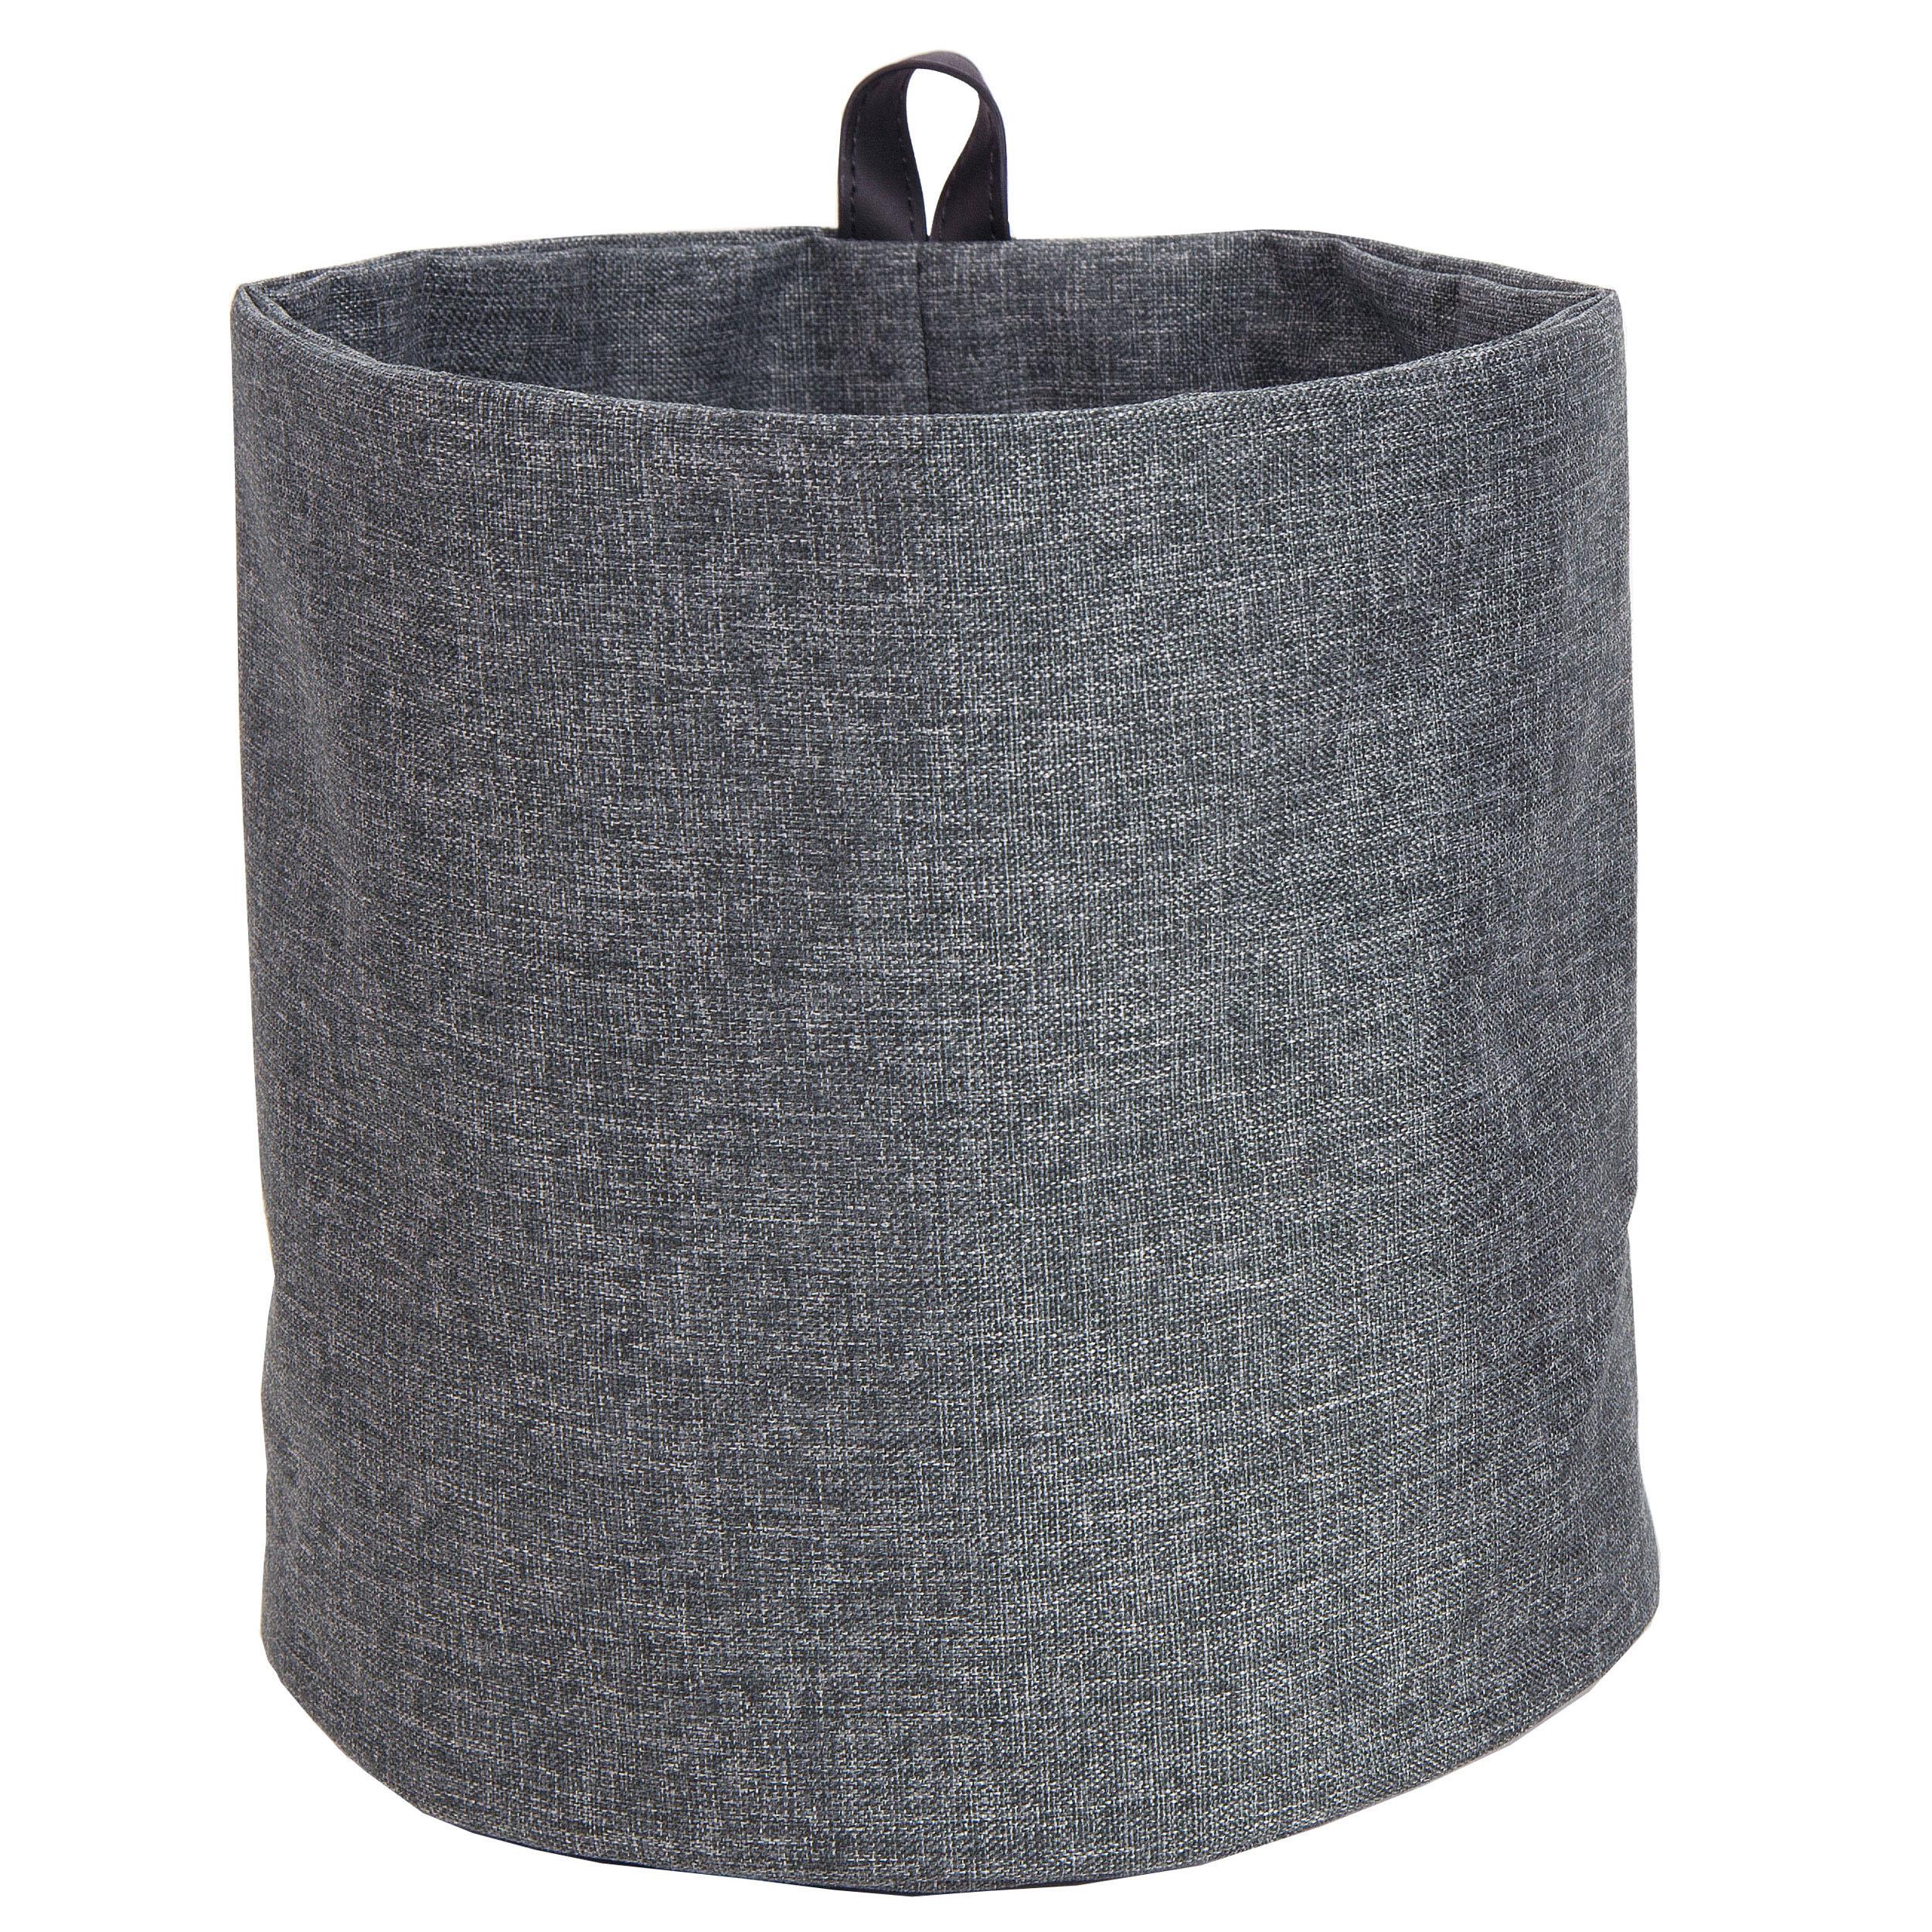 Förvara se Påse till krok BIGSO, grå, large